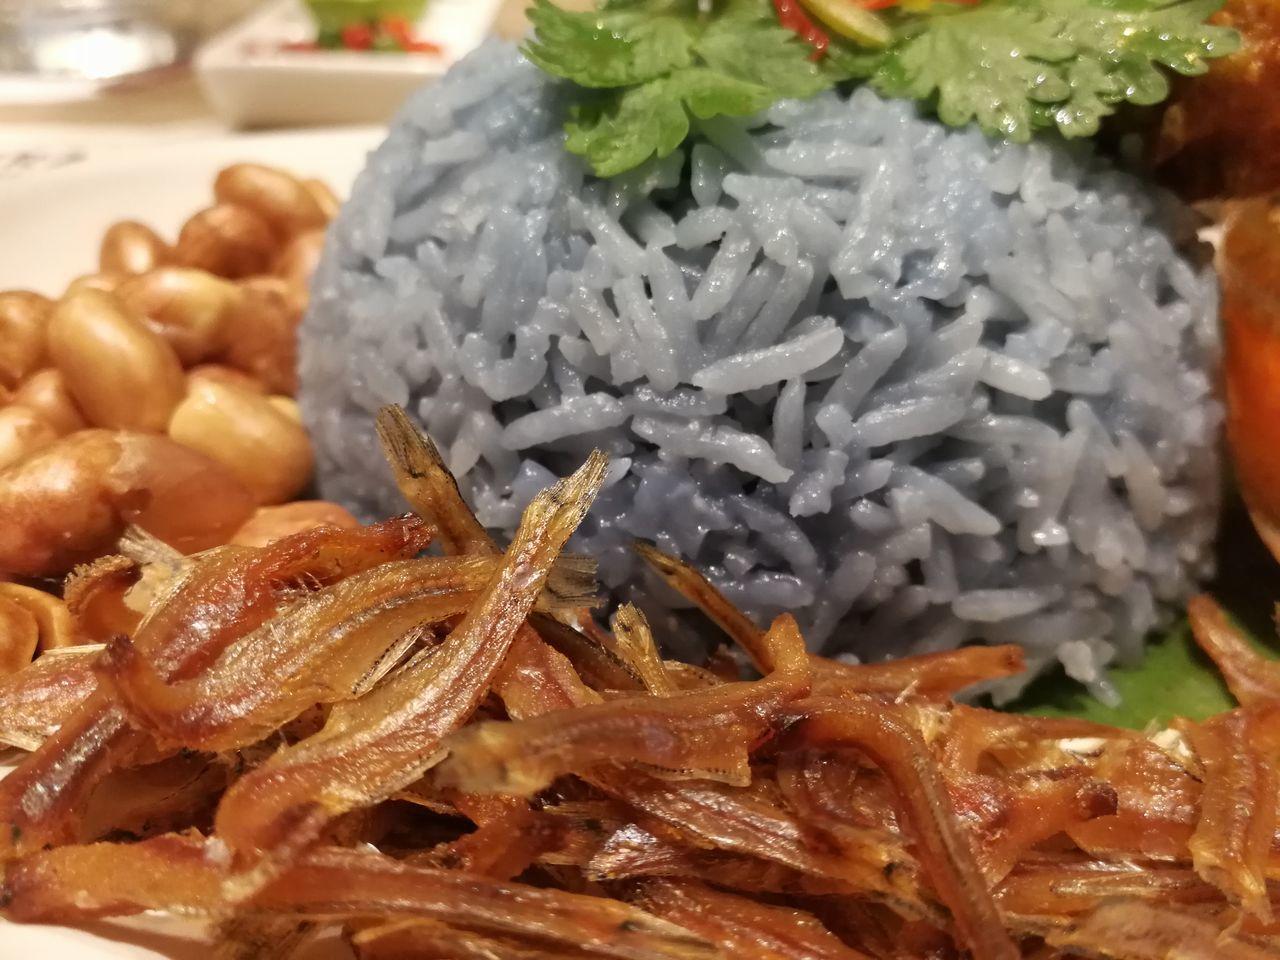 Nasi Lemak (ข้าวยำ เสิร์ฟพร้อมไก่ทอด) Food Nasi Lemak Cafe อาหาร ข้าว First Eyeem Photo